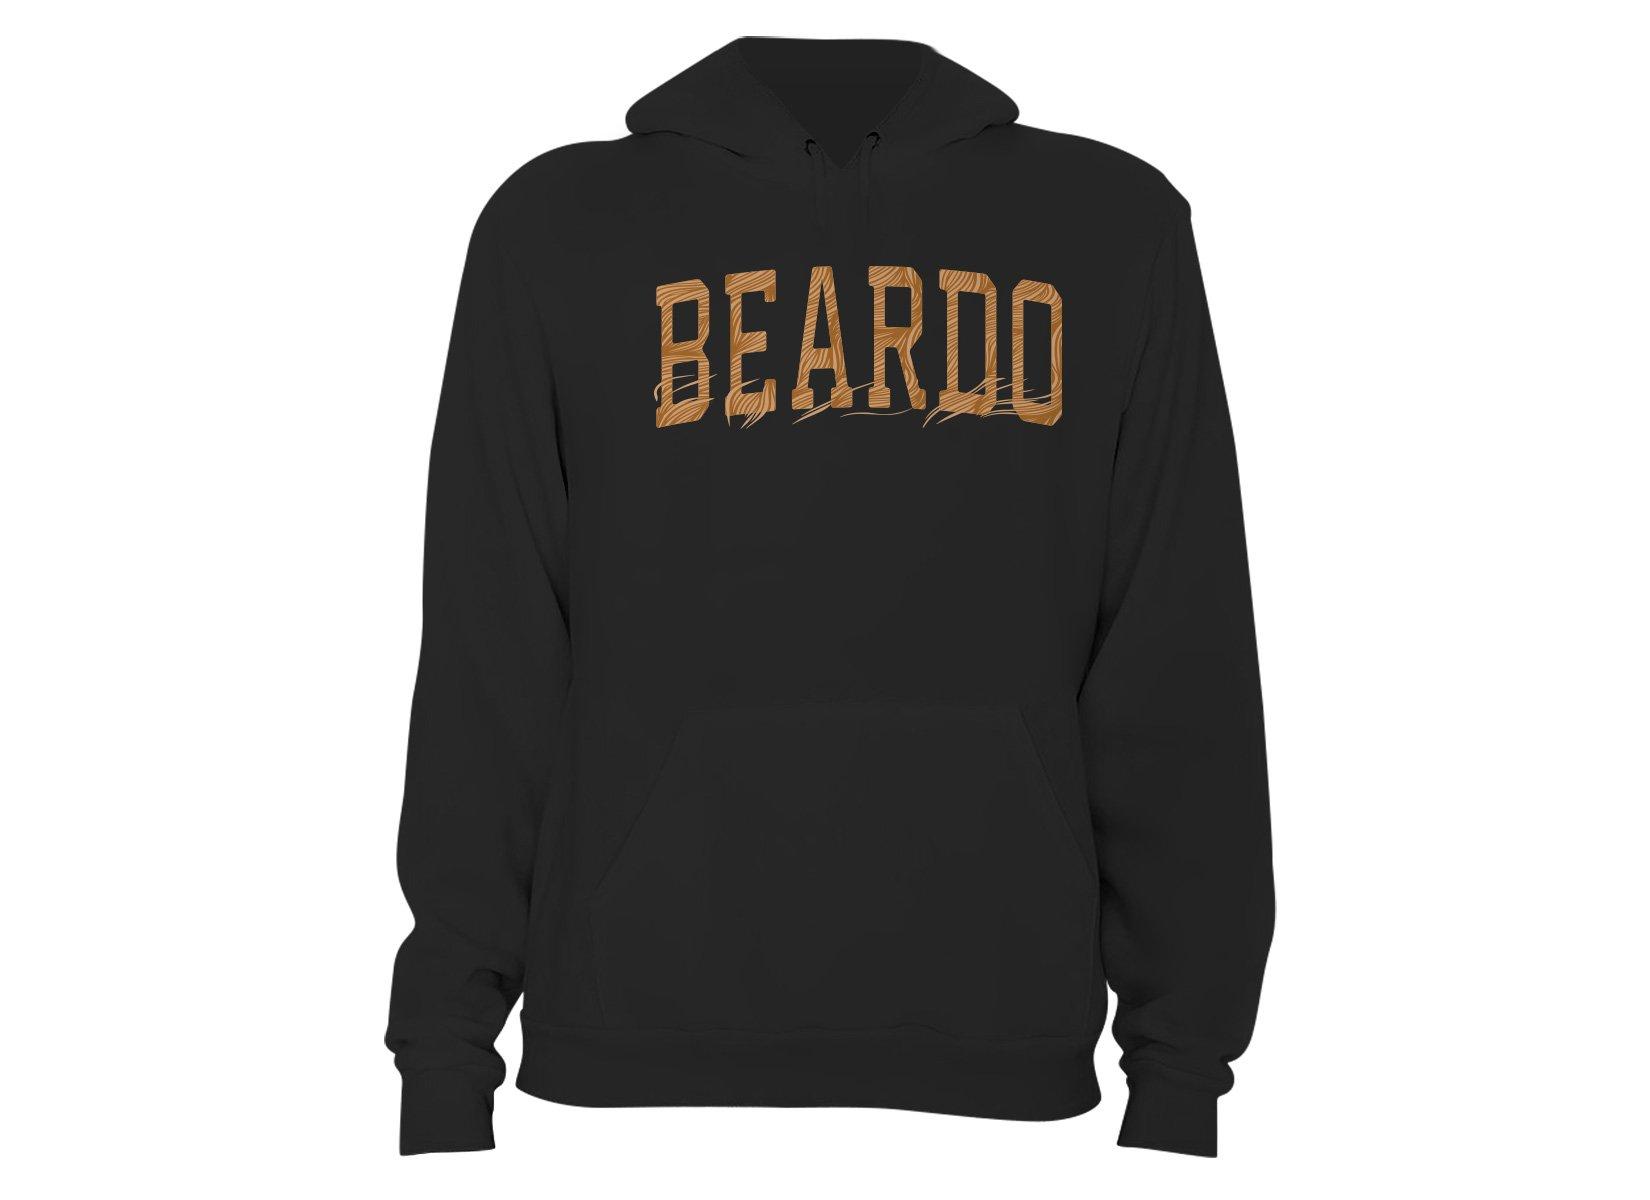 Beardo on Hoodie